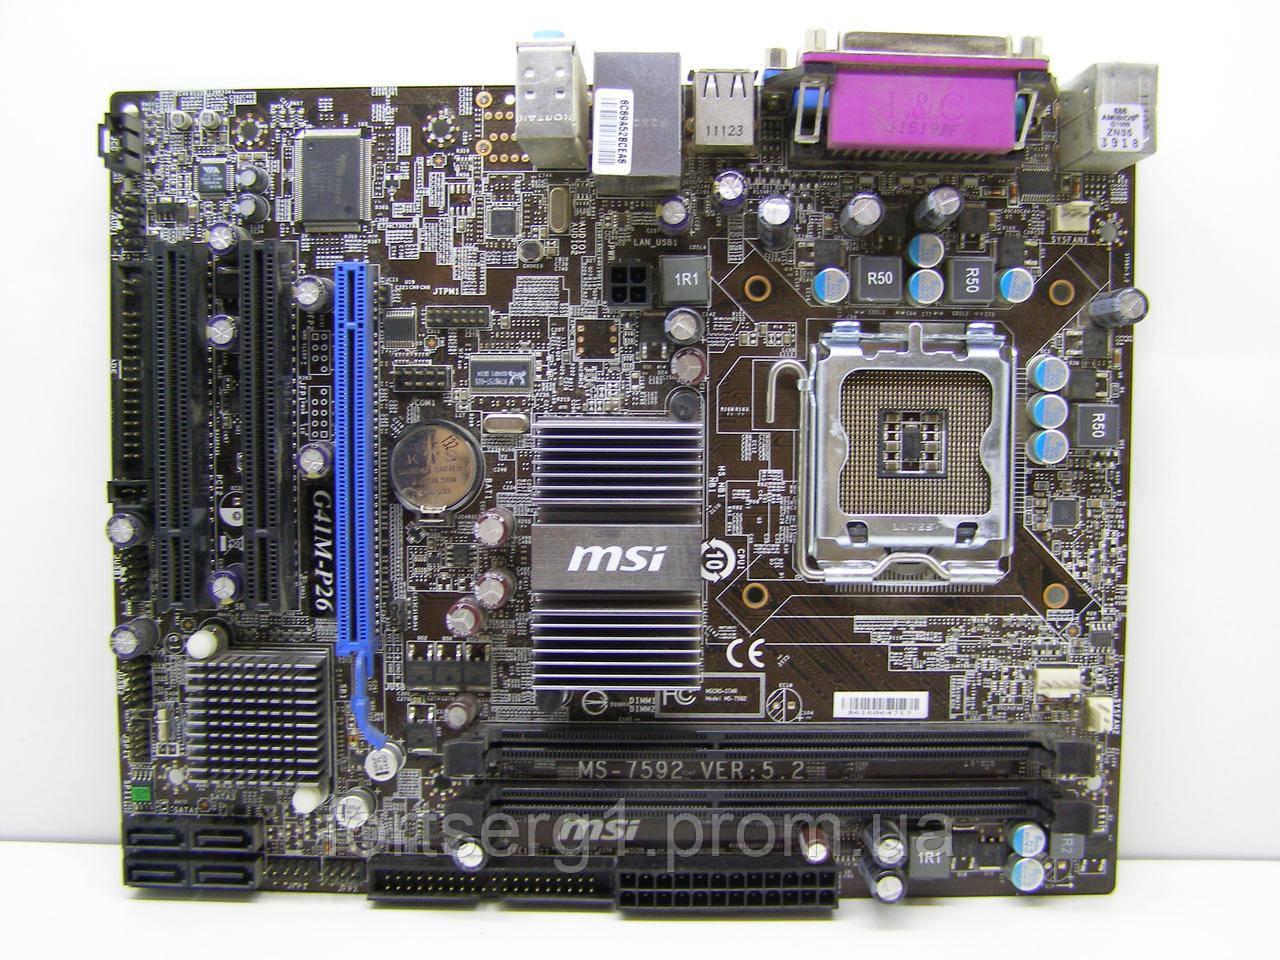 MSI G41M-P26 LAN WINDOWS VISTA DRIVER